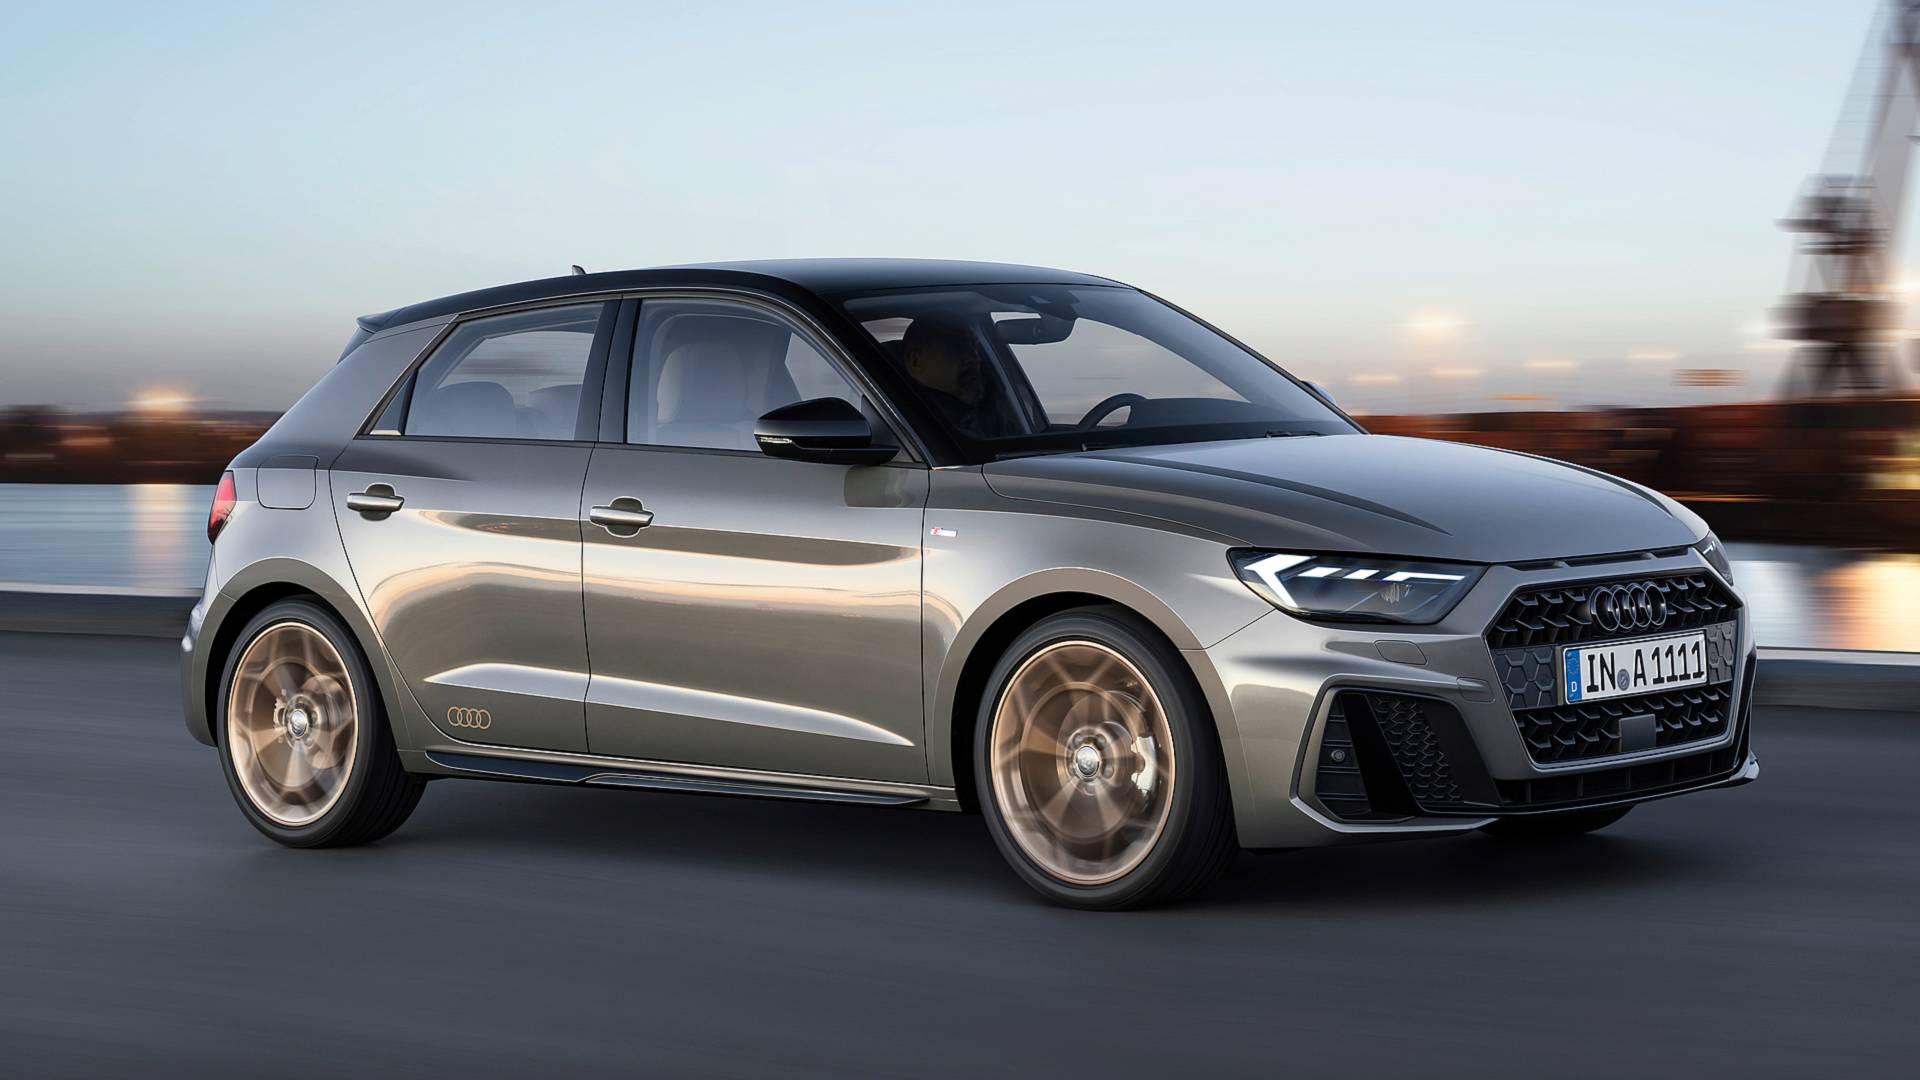 đầu tư giá trị - 2019 audi a1 sportback - Audi A1 Sportback 2019 lộ diện, kiểu dáng cá tính, công suất 200 mã lực